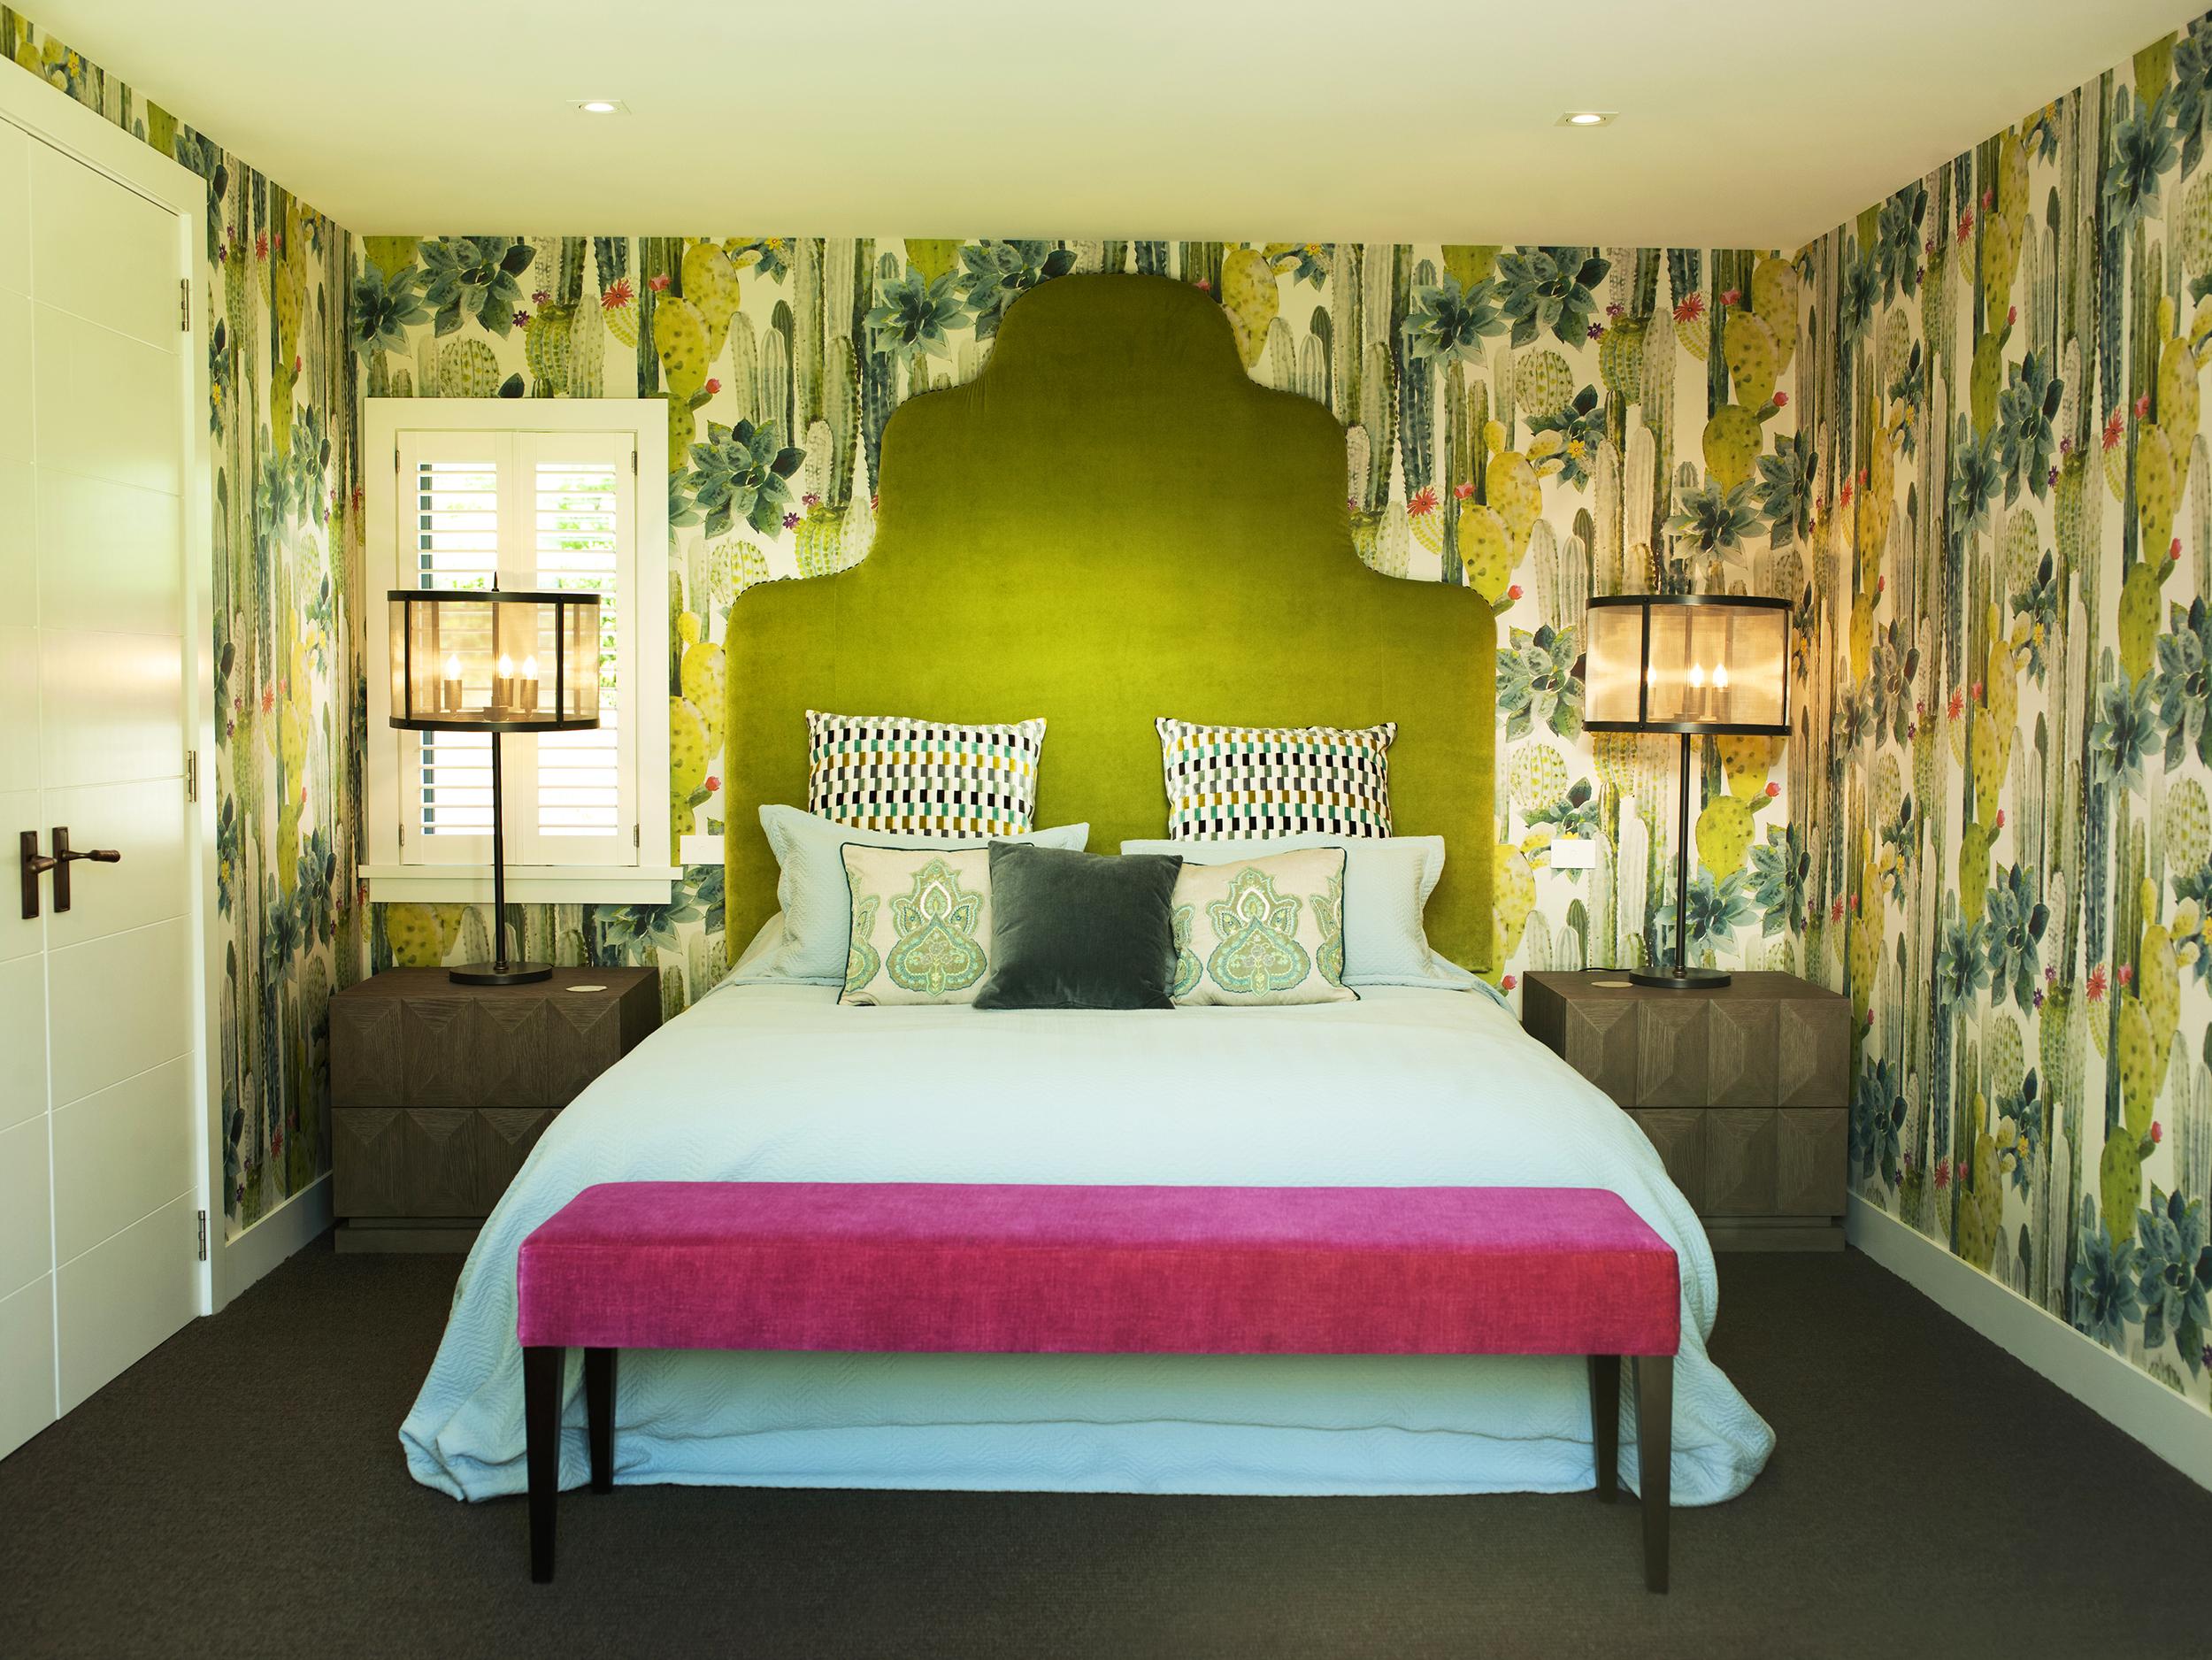 Wallpapering interior bedroom